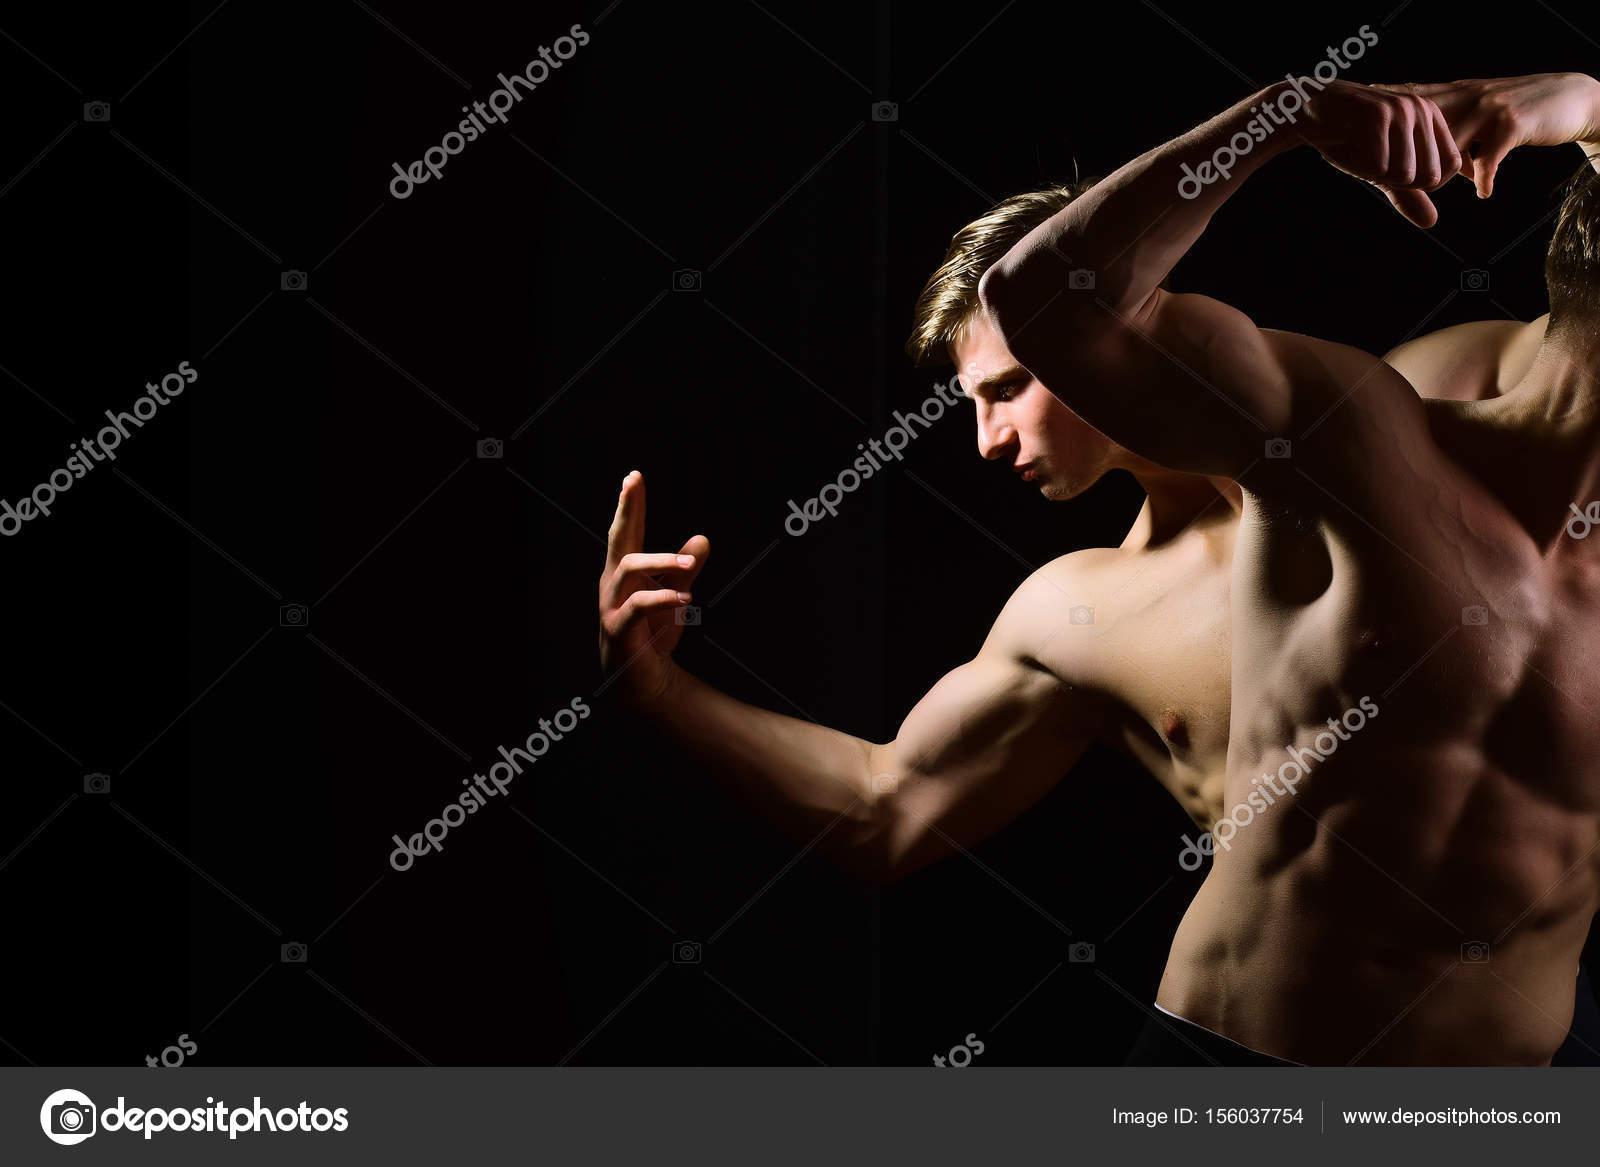 Jedna čára pod jeho lehce povadlými prsními svaly, druhá těsně nad tmavým.